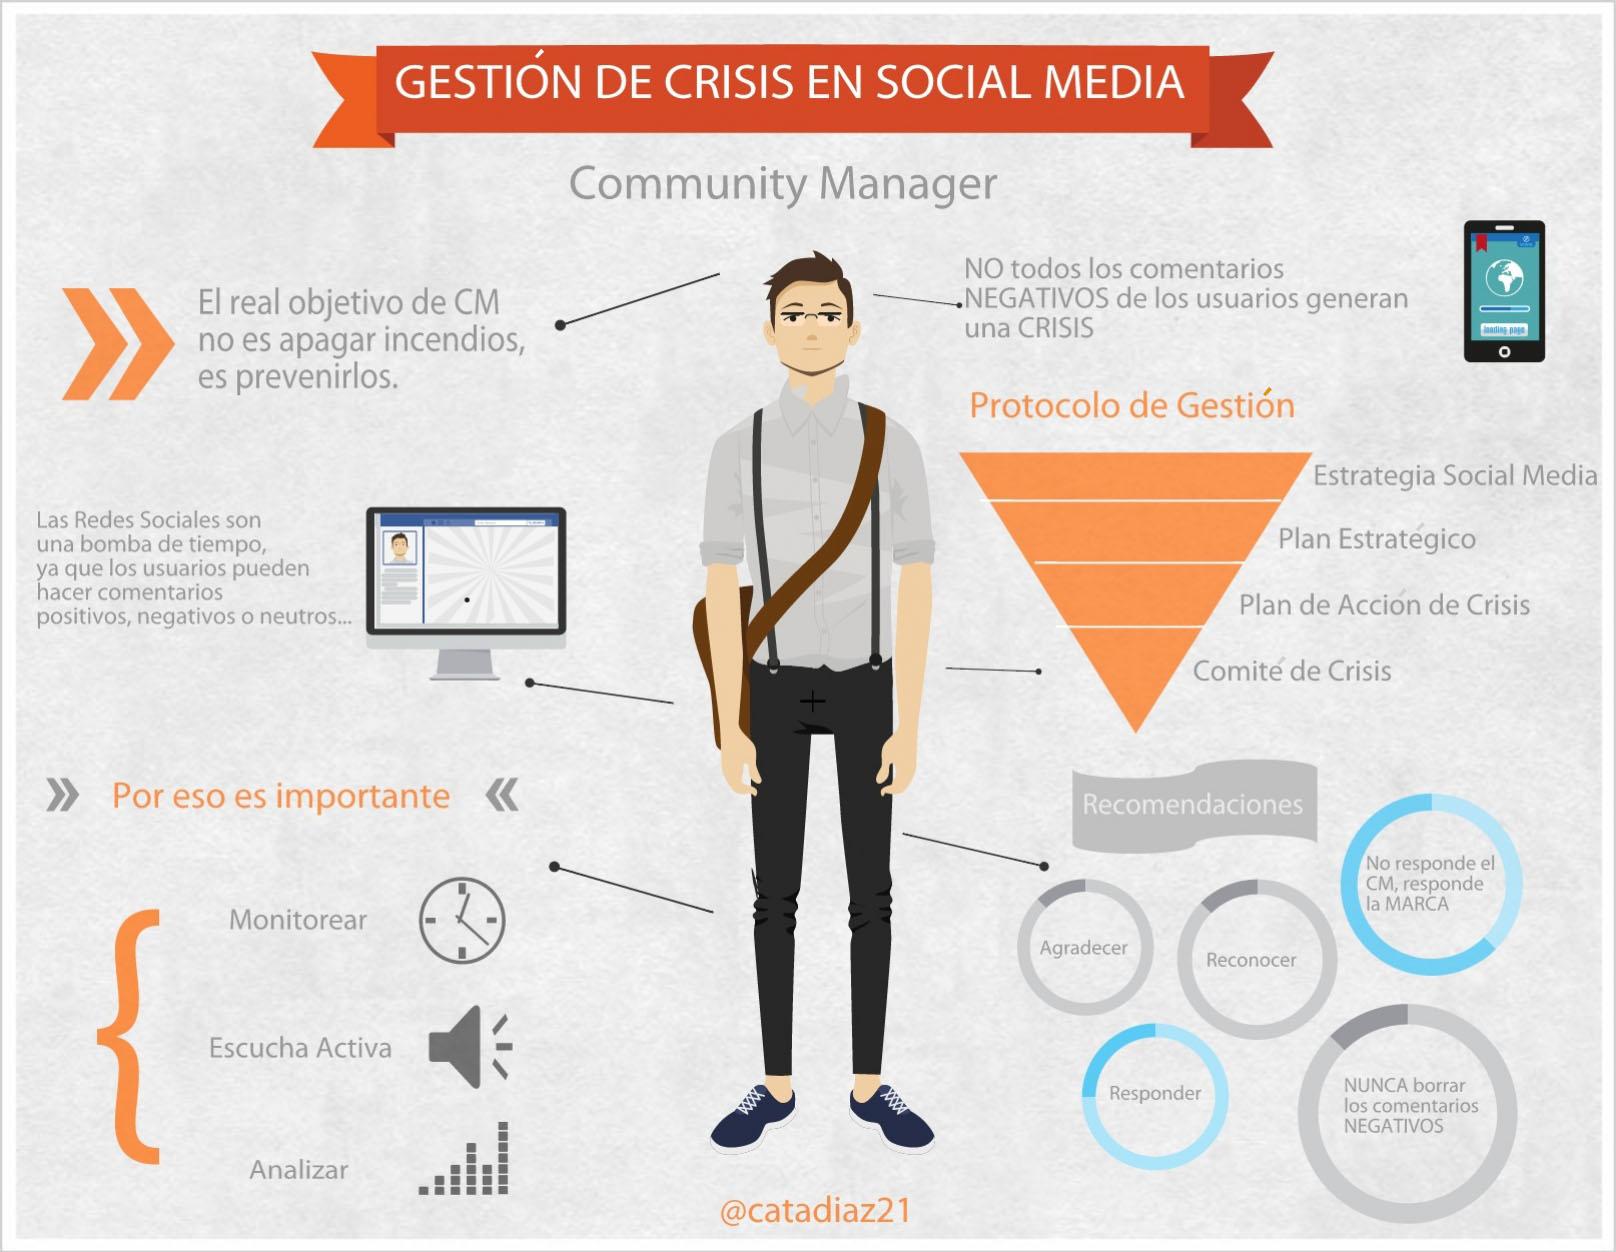 planes para evitar crisis en redes sociales mal gestionadas